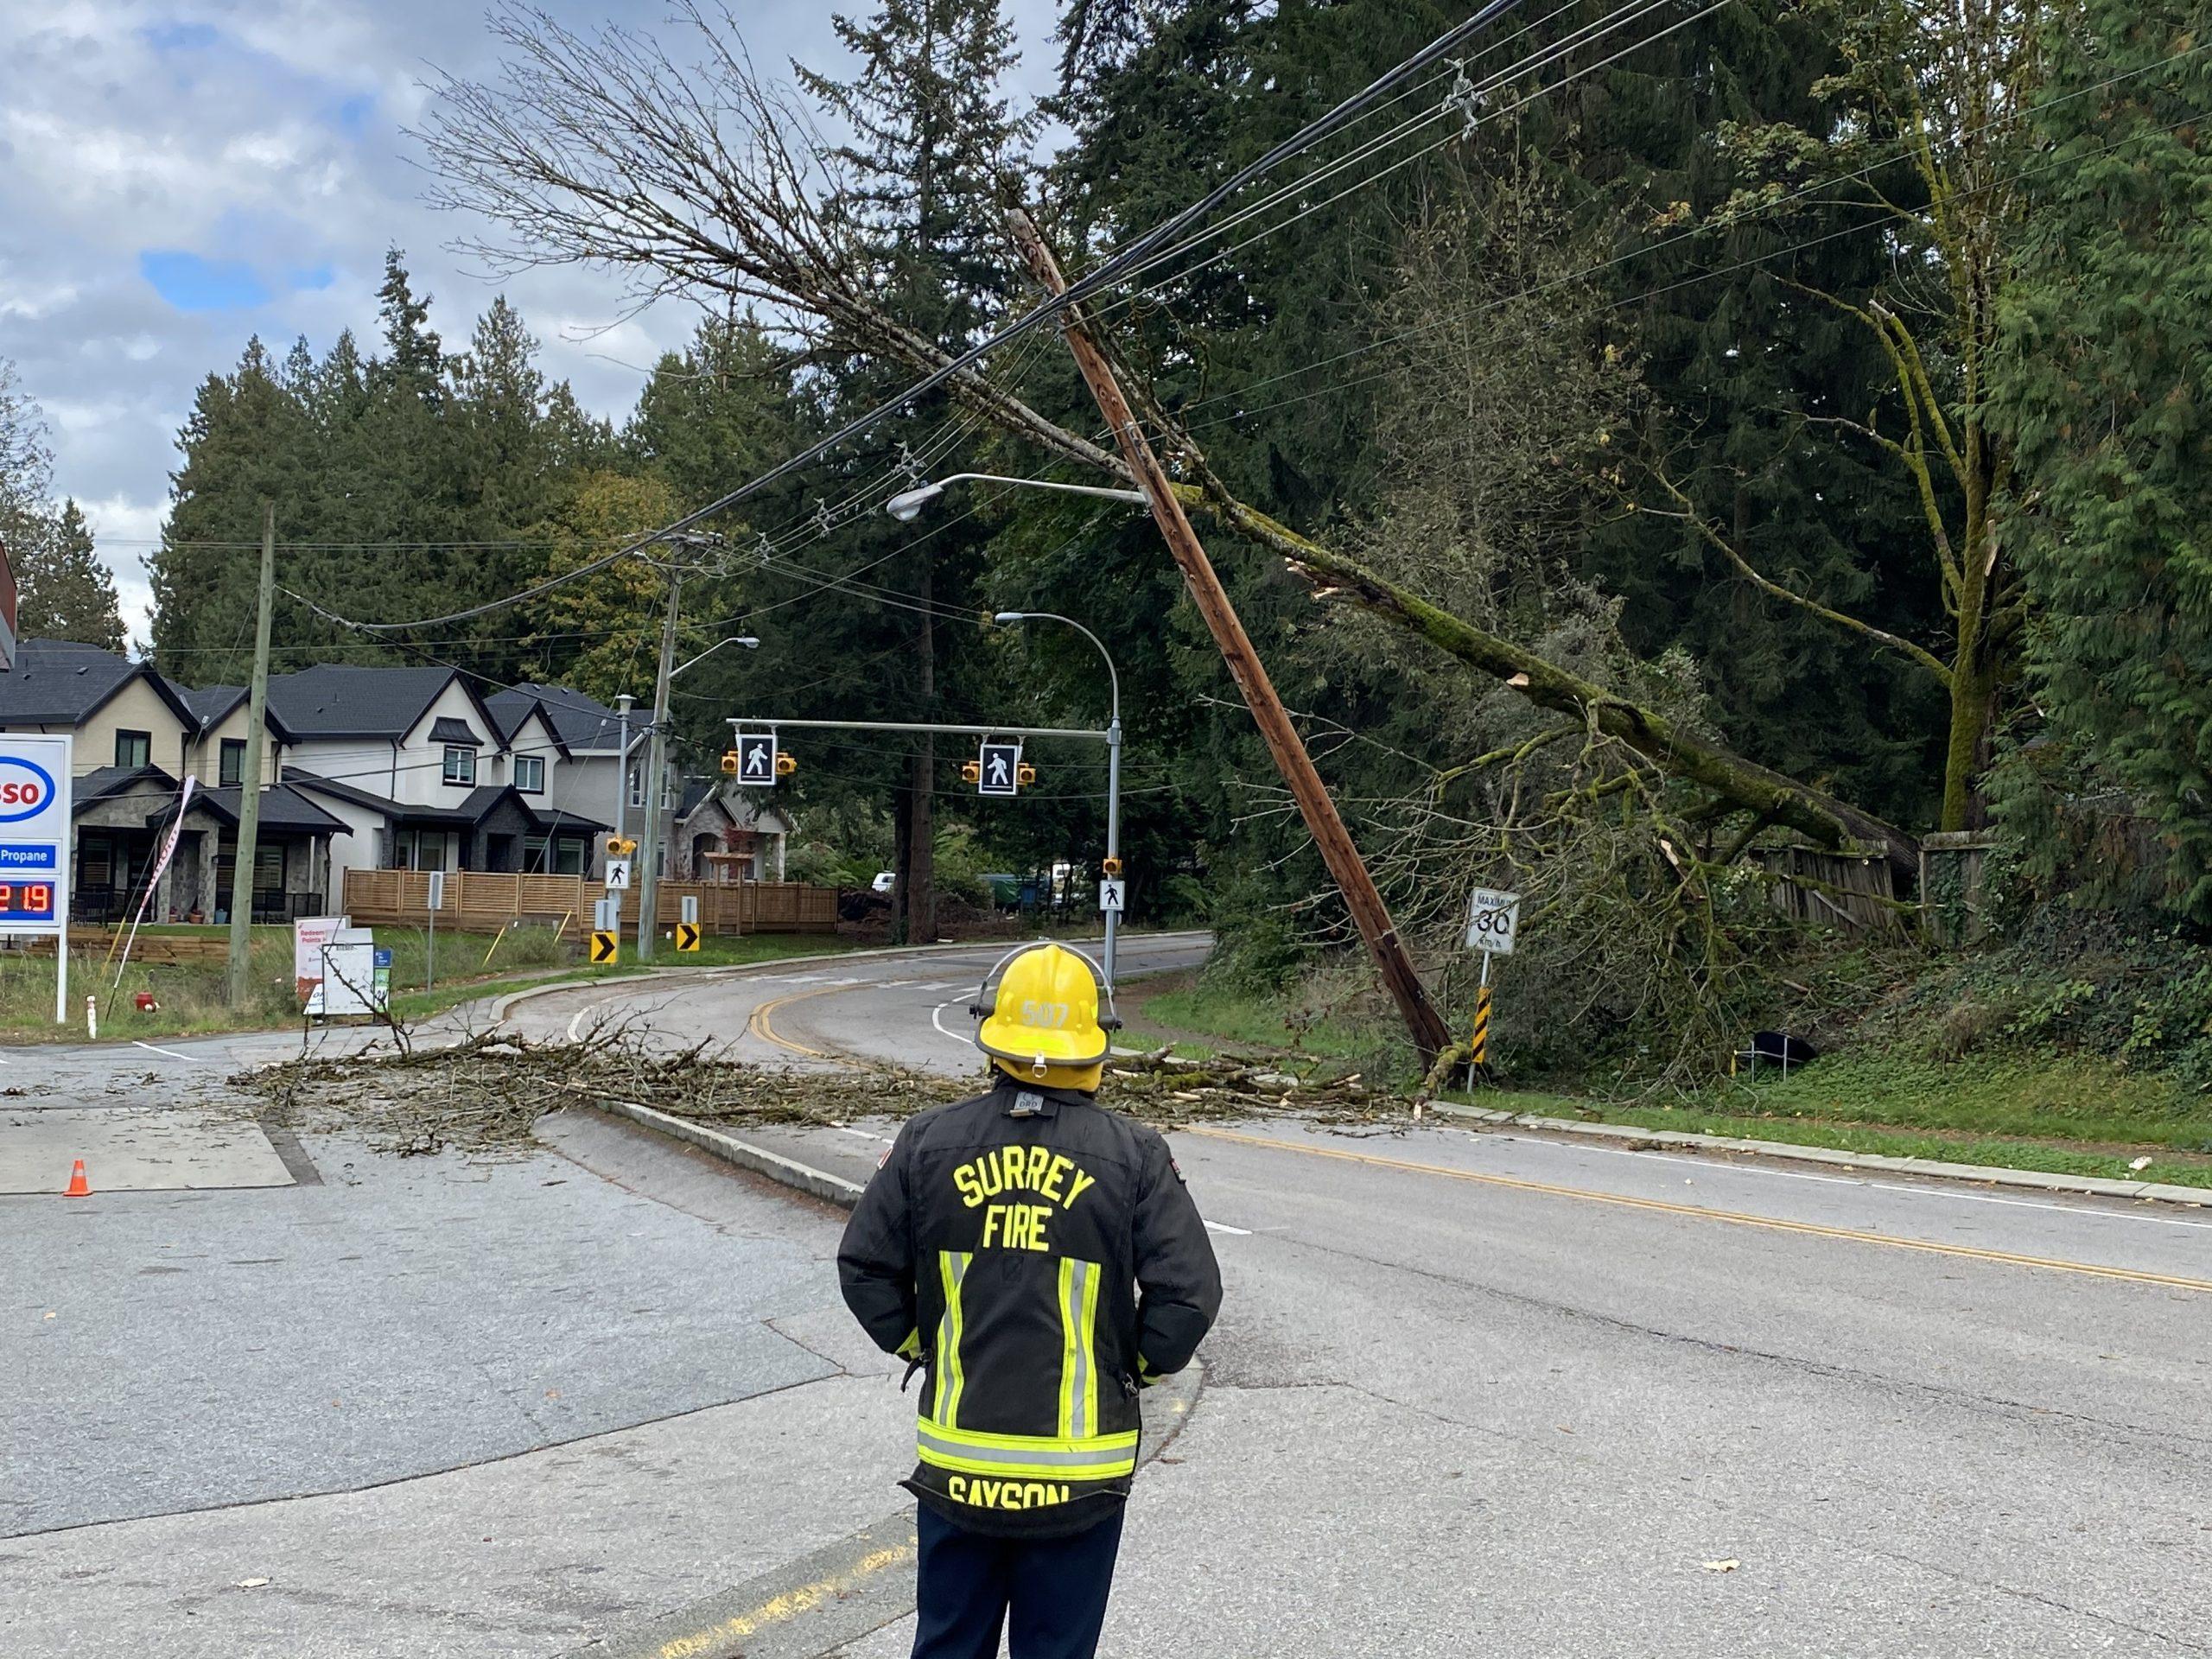 BC windstorm damage tree surrey crescent road